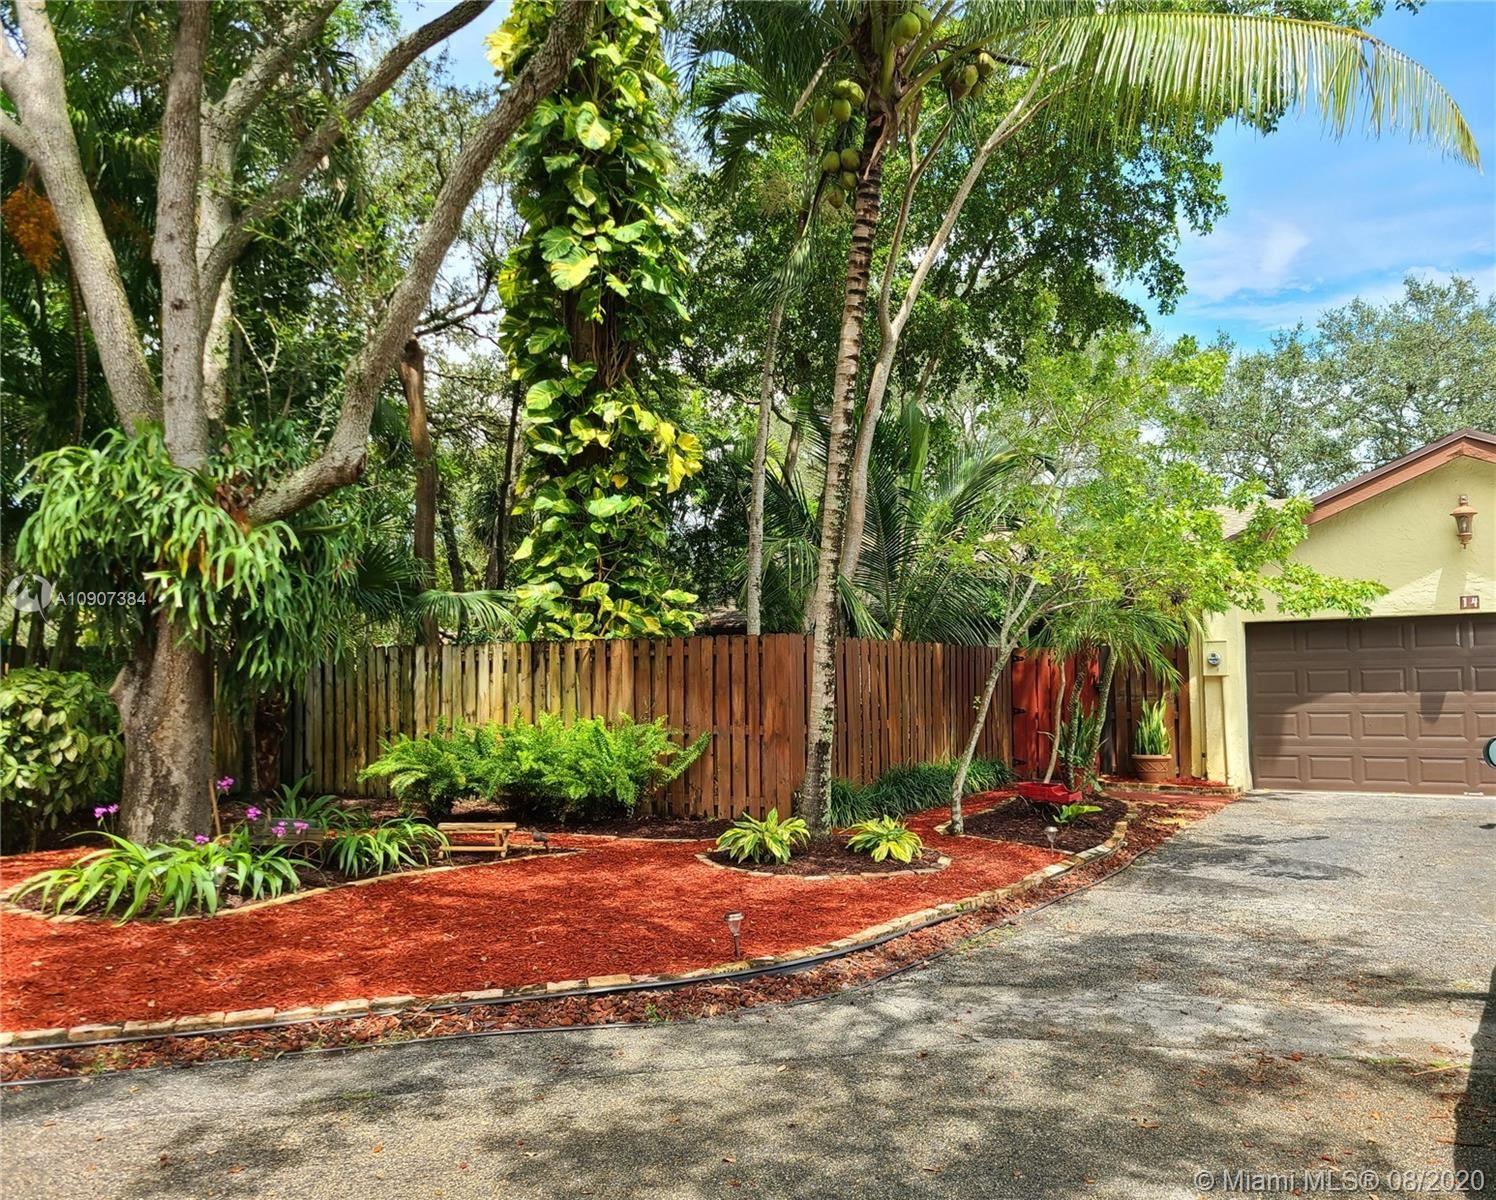 14 Elm Way, Cooper City, FL 33026 - #: A10907384